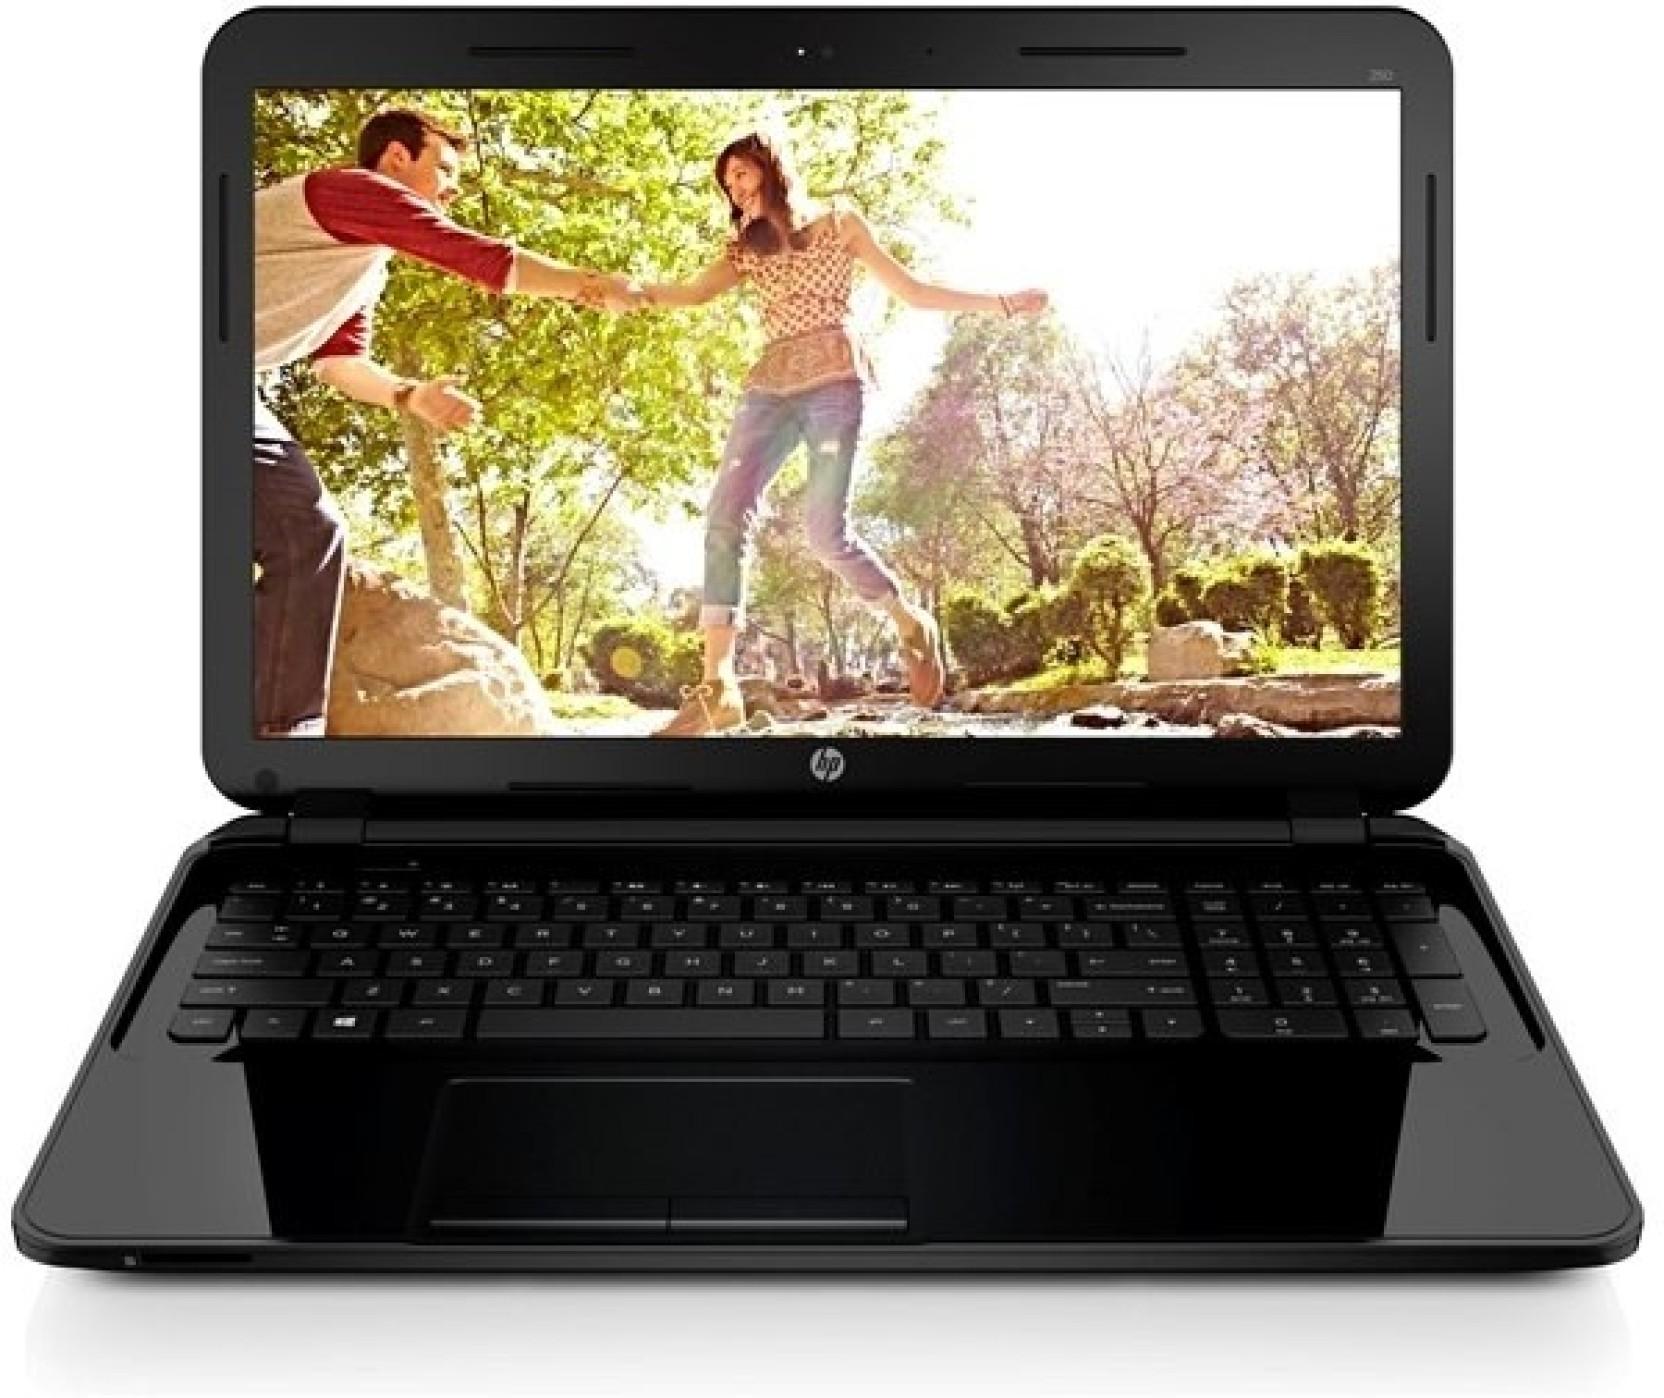 HP 15-r006tu Notebook PC